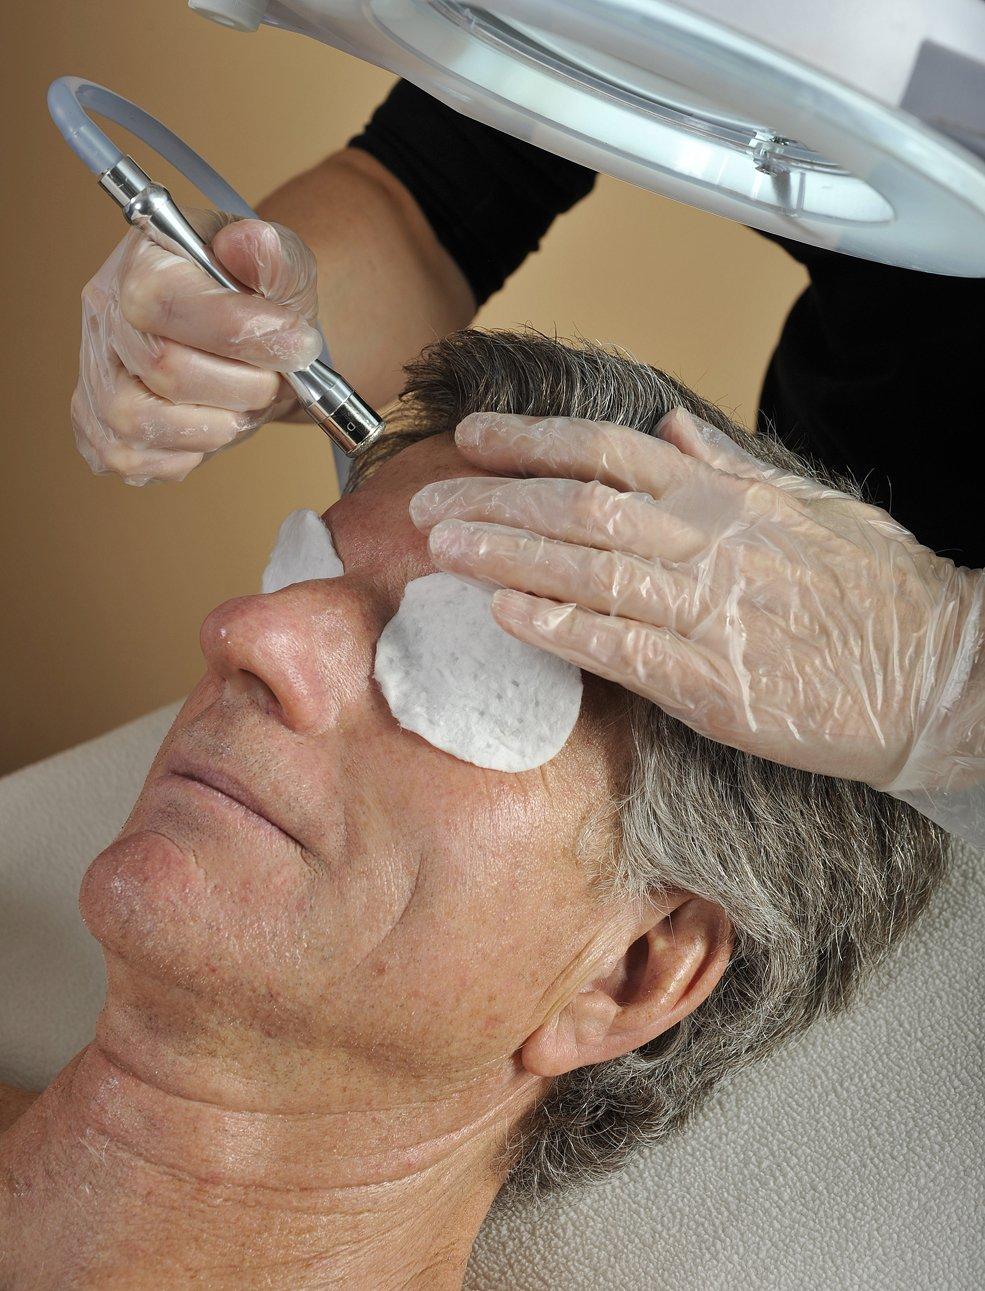 Trending Now: Skincare for Men